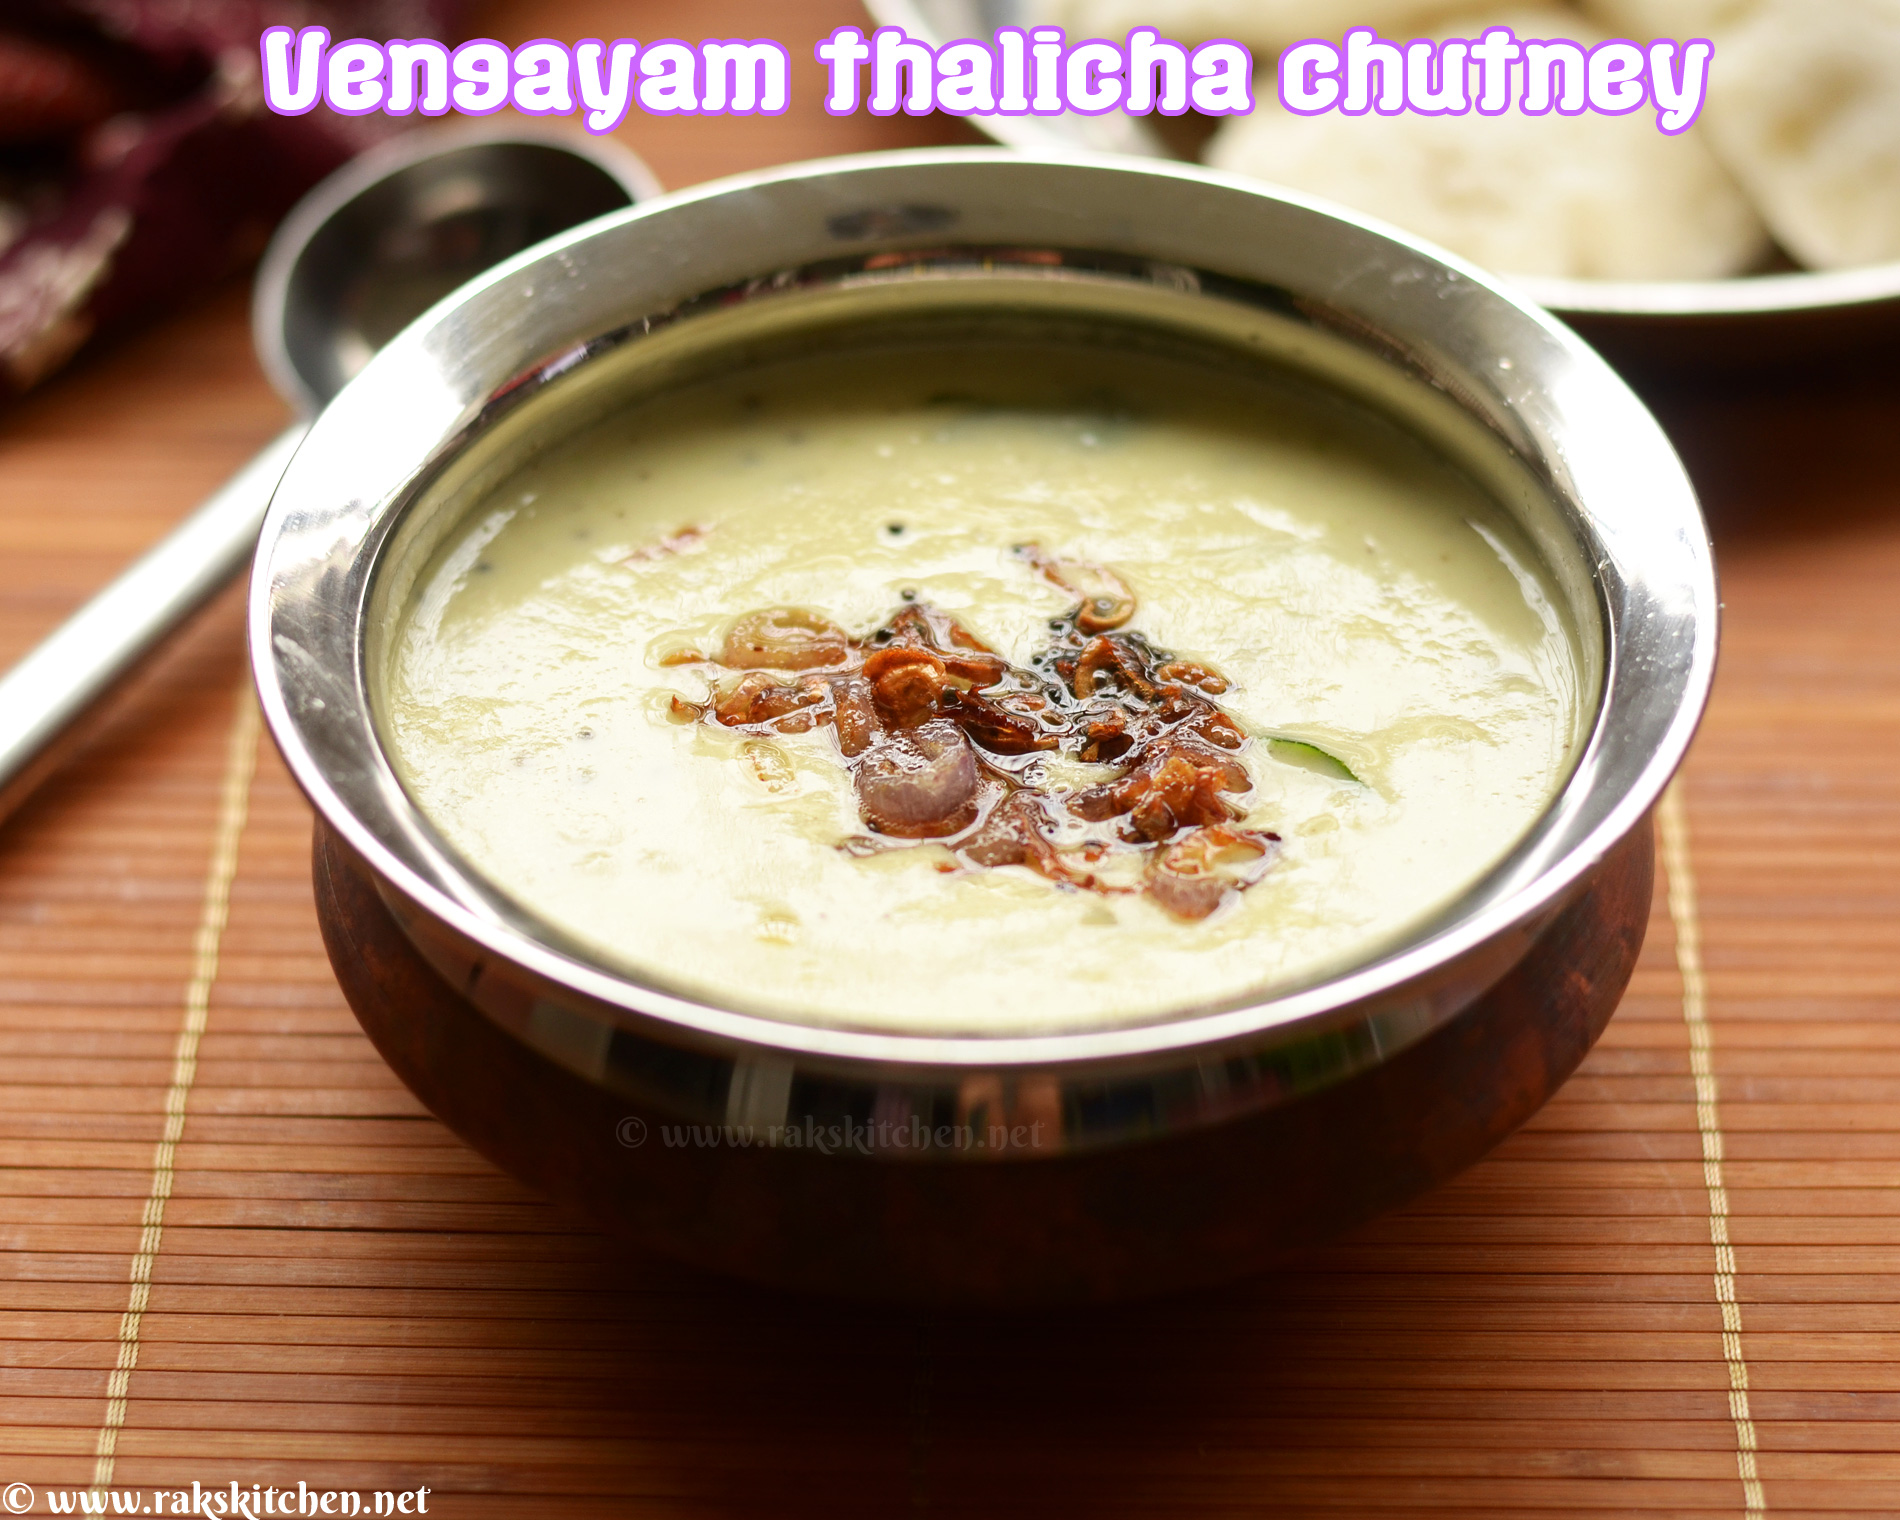 vengayam-thalicha-chutney